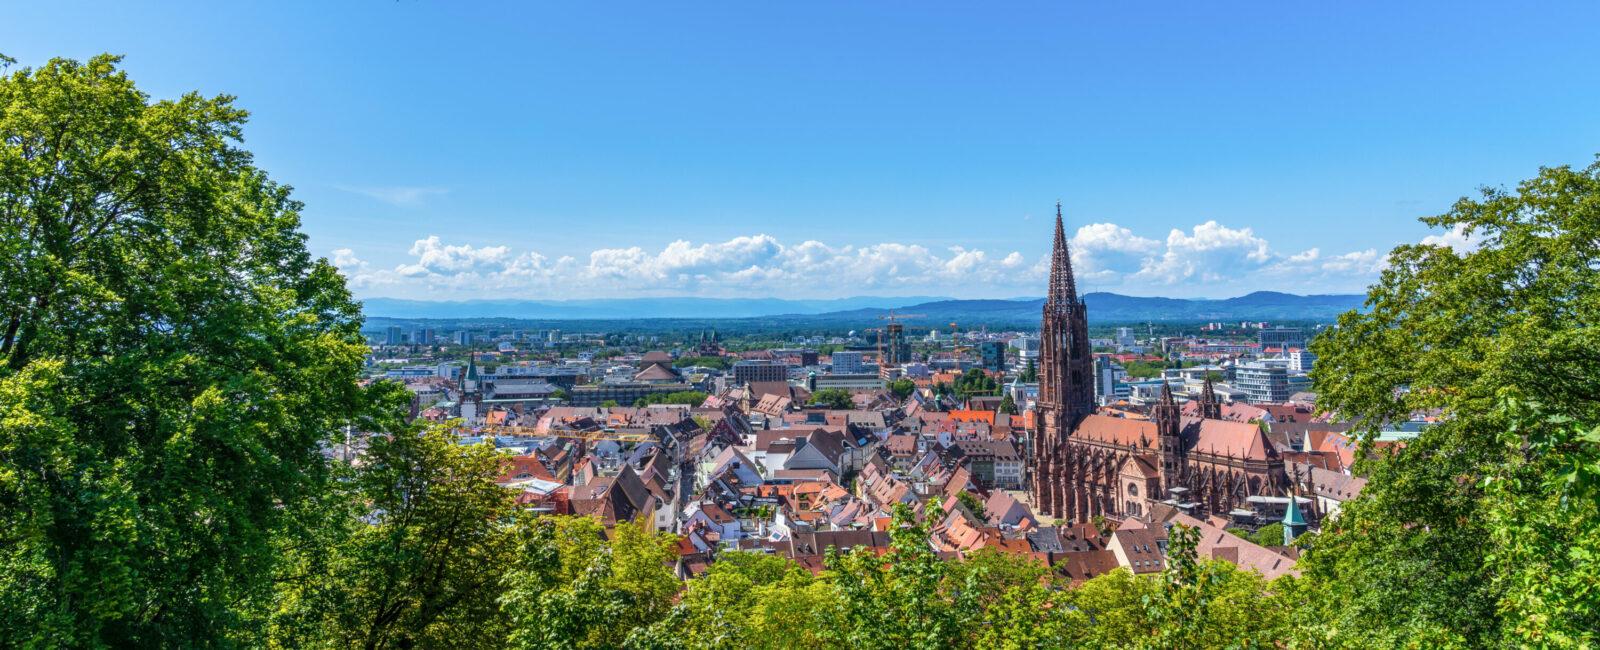 Einführung in die AVO, das kirchliche Arbeitsrecht in der Erzdiözese Freiburg (Online-Teilnahme möglich)